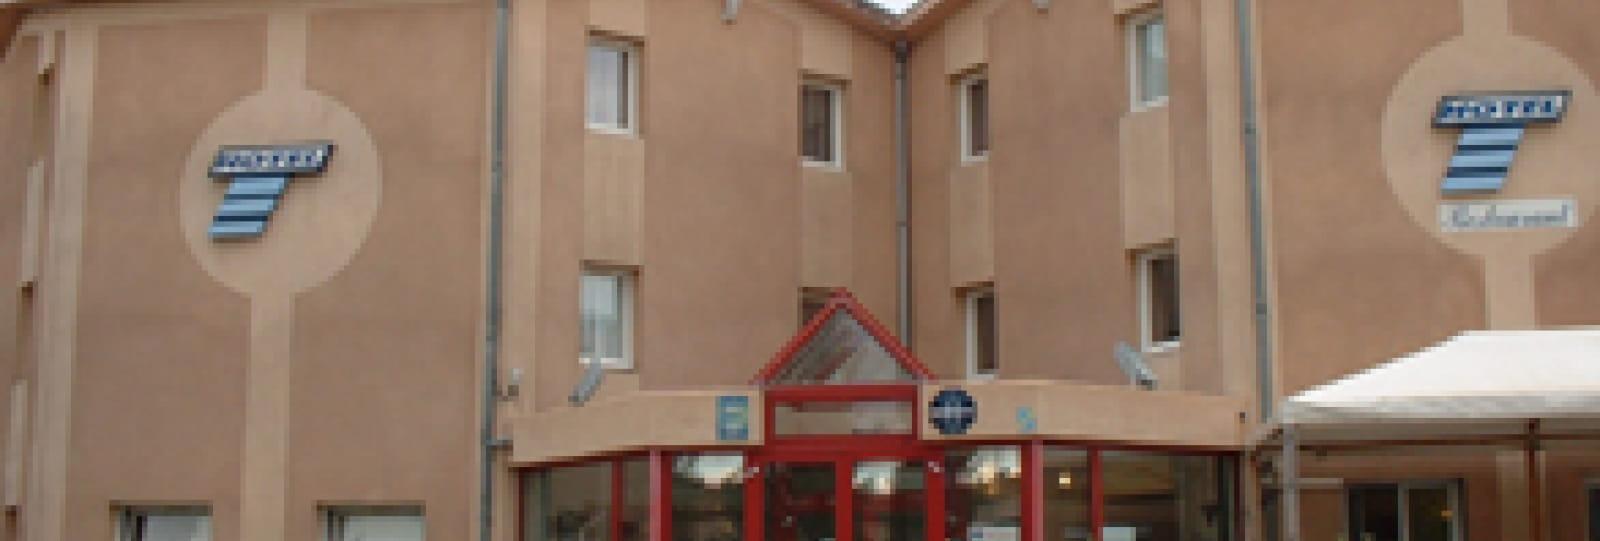 Hôtel Cat-Hôtel Bourg-de-Péage